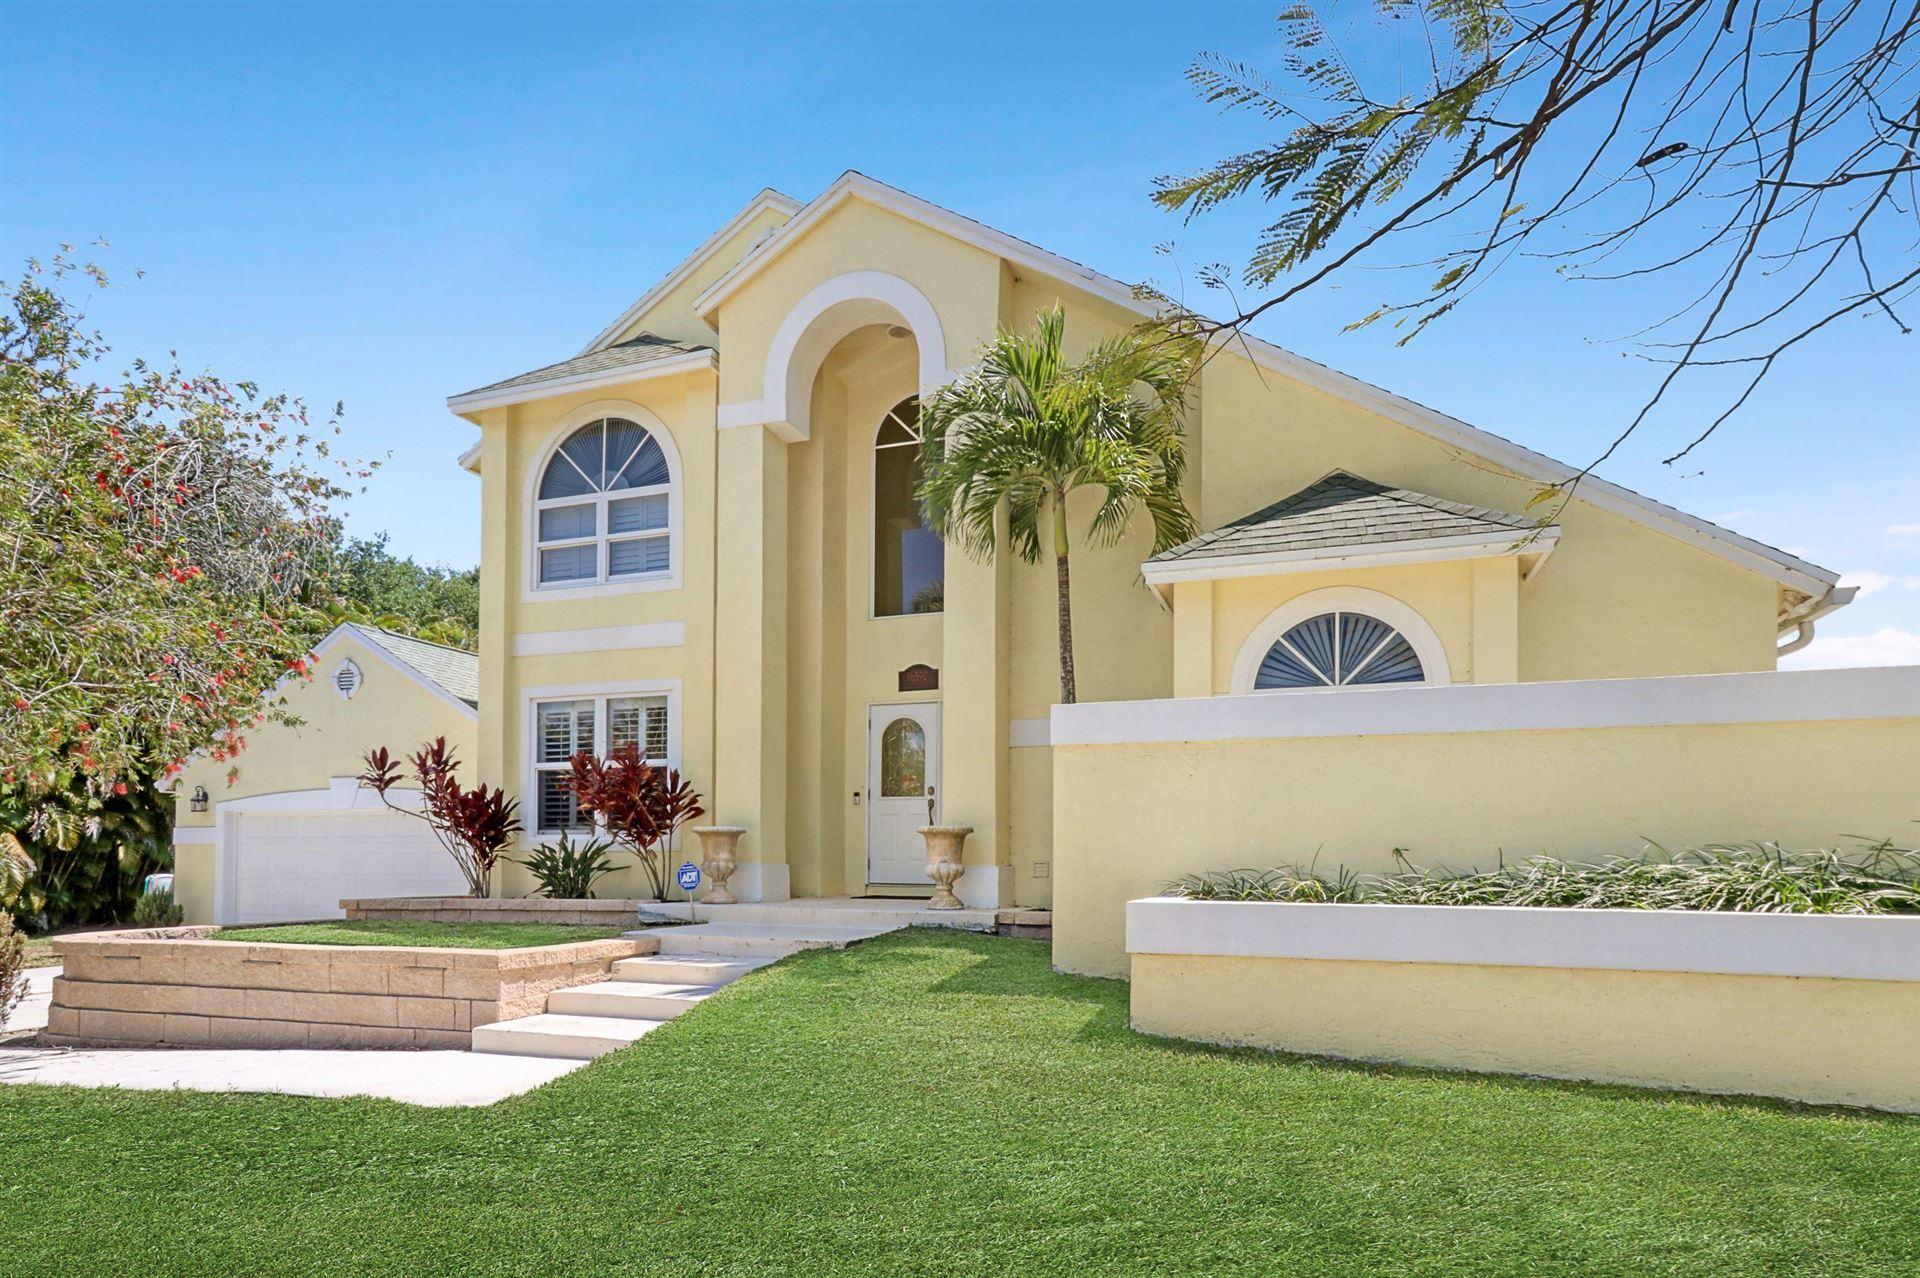 Photo of 16590 77th Trail N, Palm Beach Gardens, FL 33418 (MLS # RX-10708381)